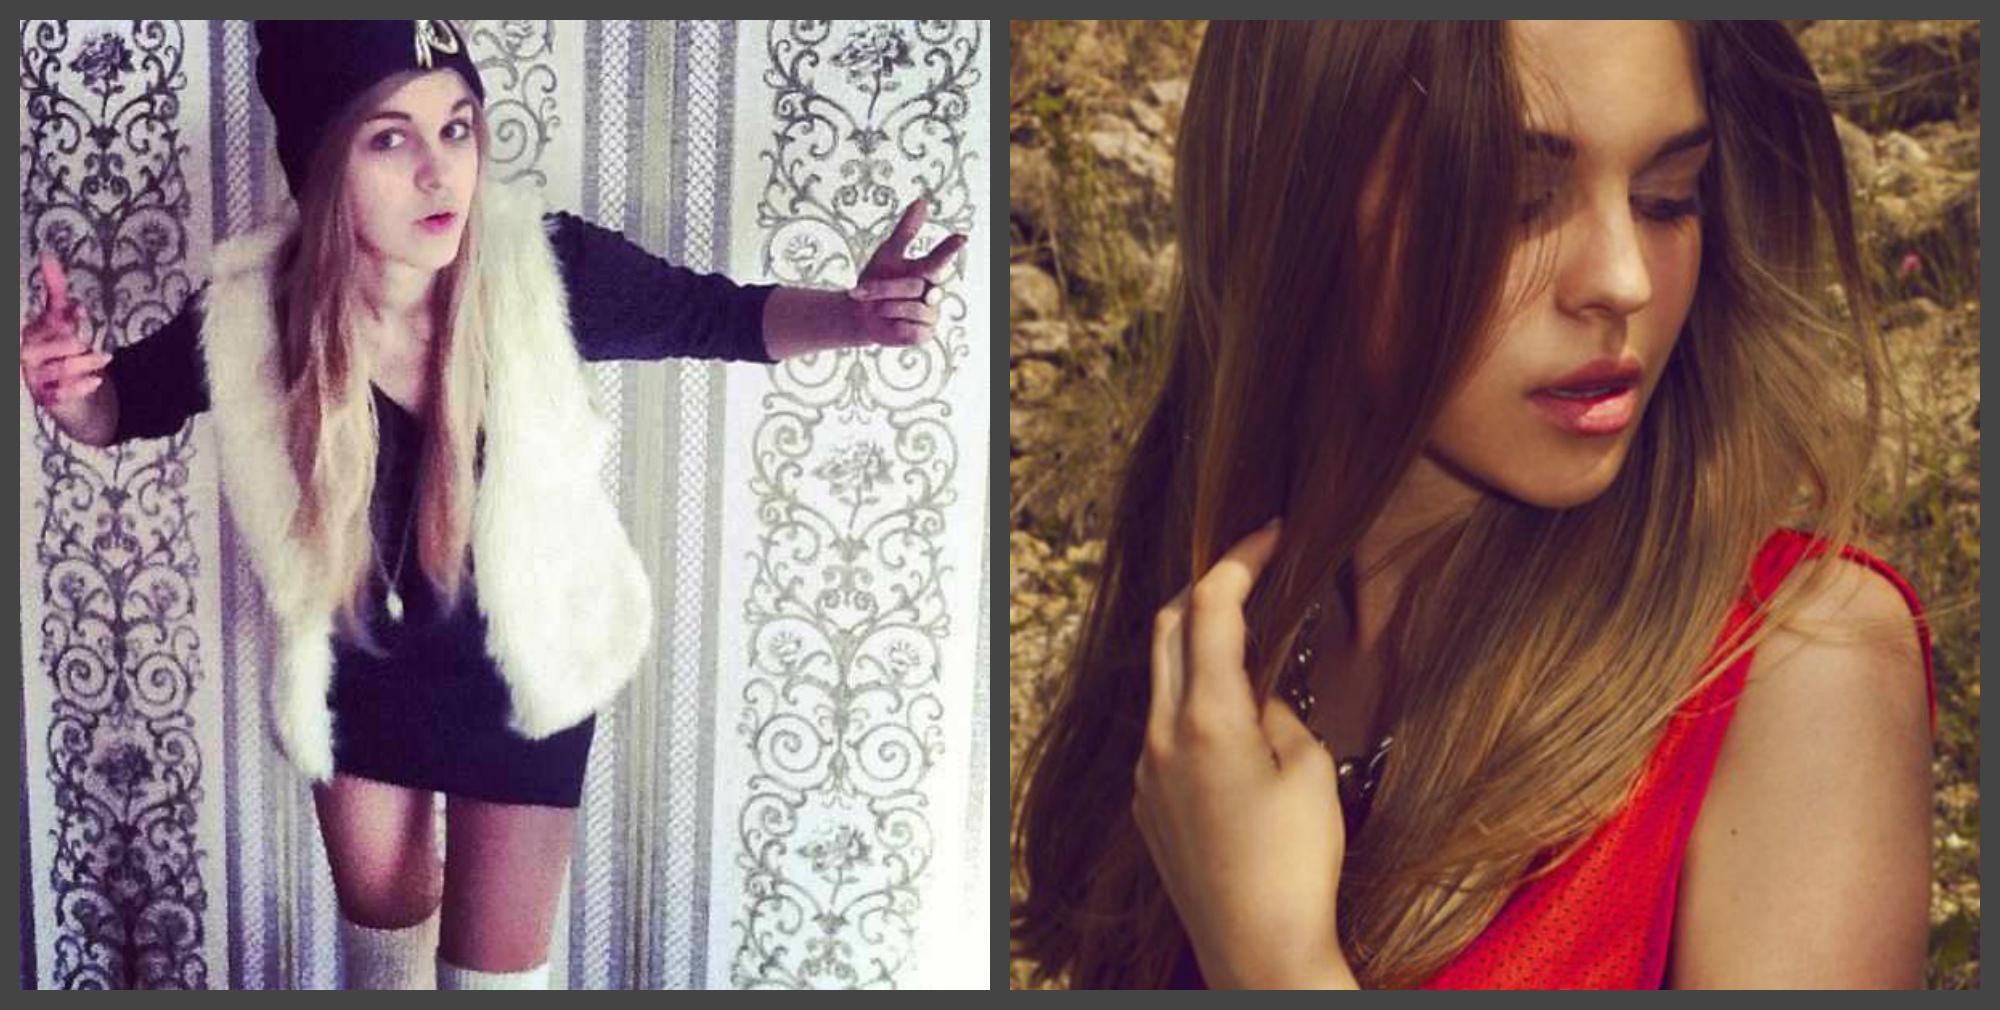 21-летняя дочь впечатлила Украину своим поступком (фото)